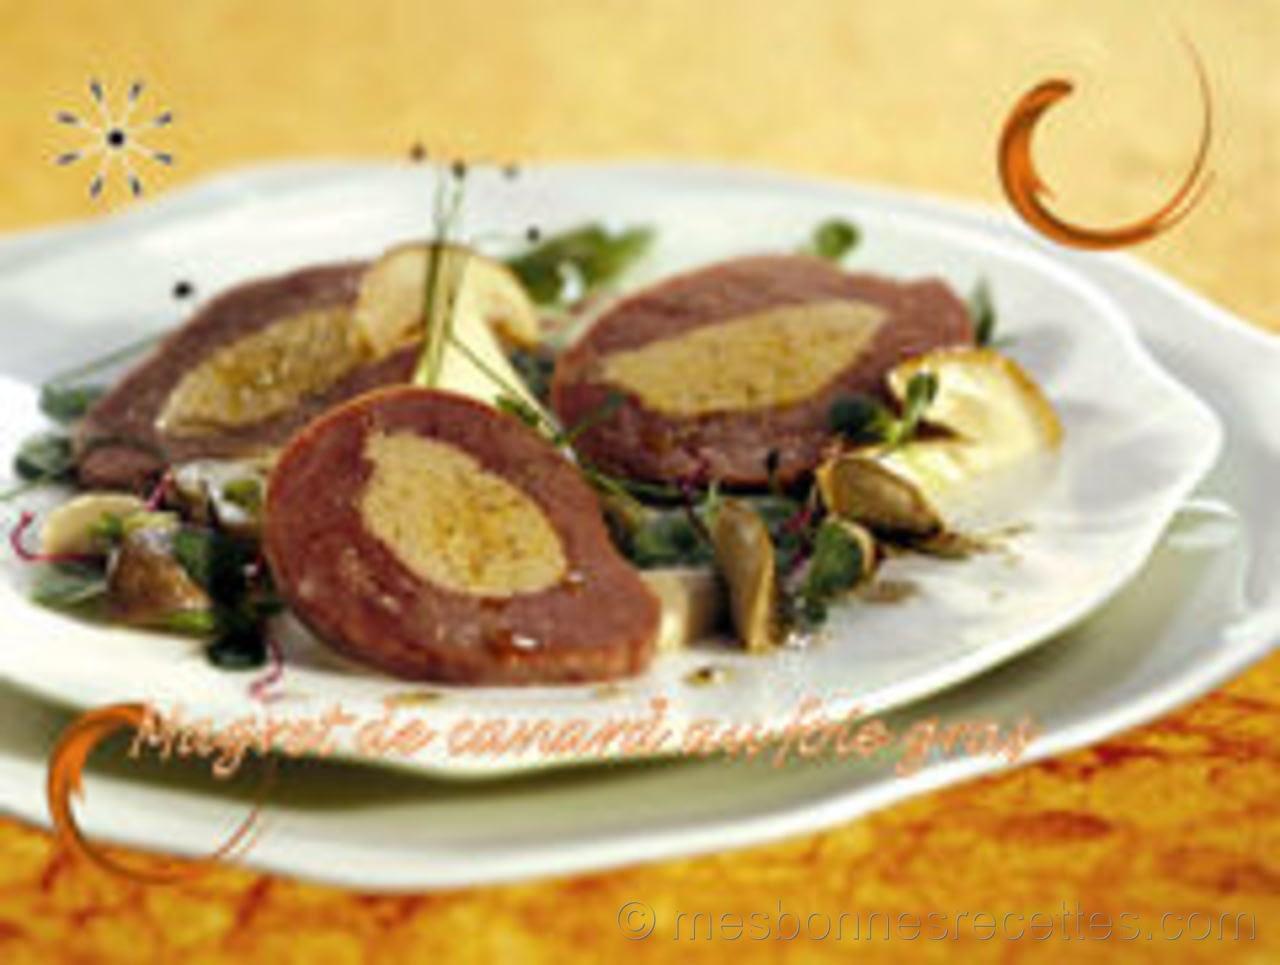 Magret-de-canard-au-foie-gras